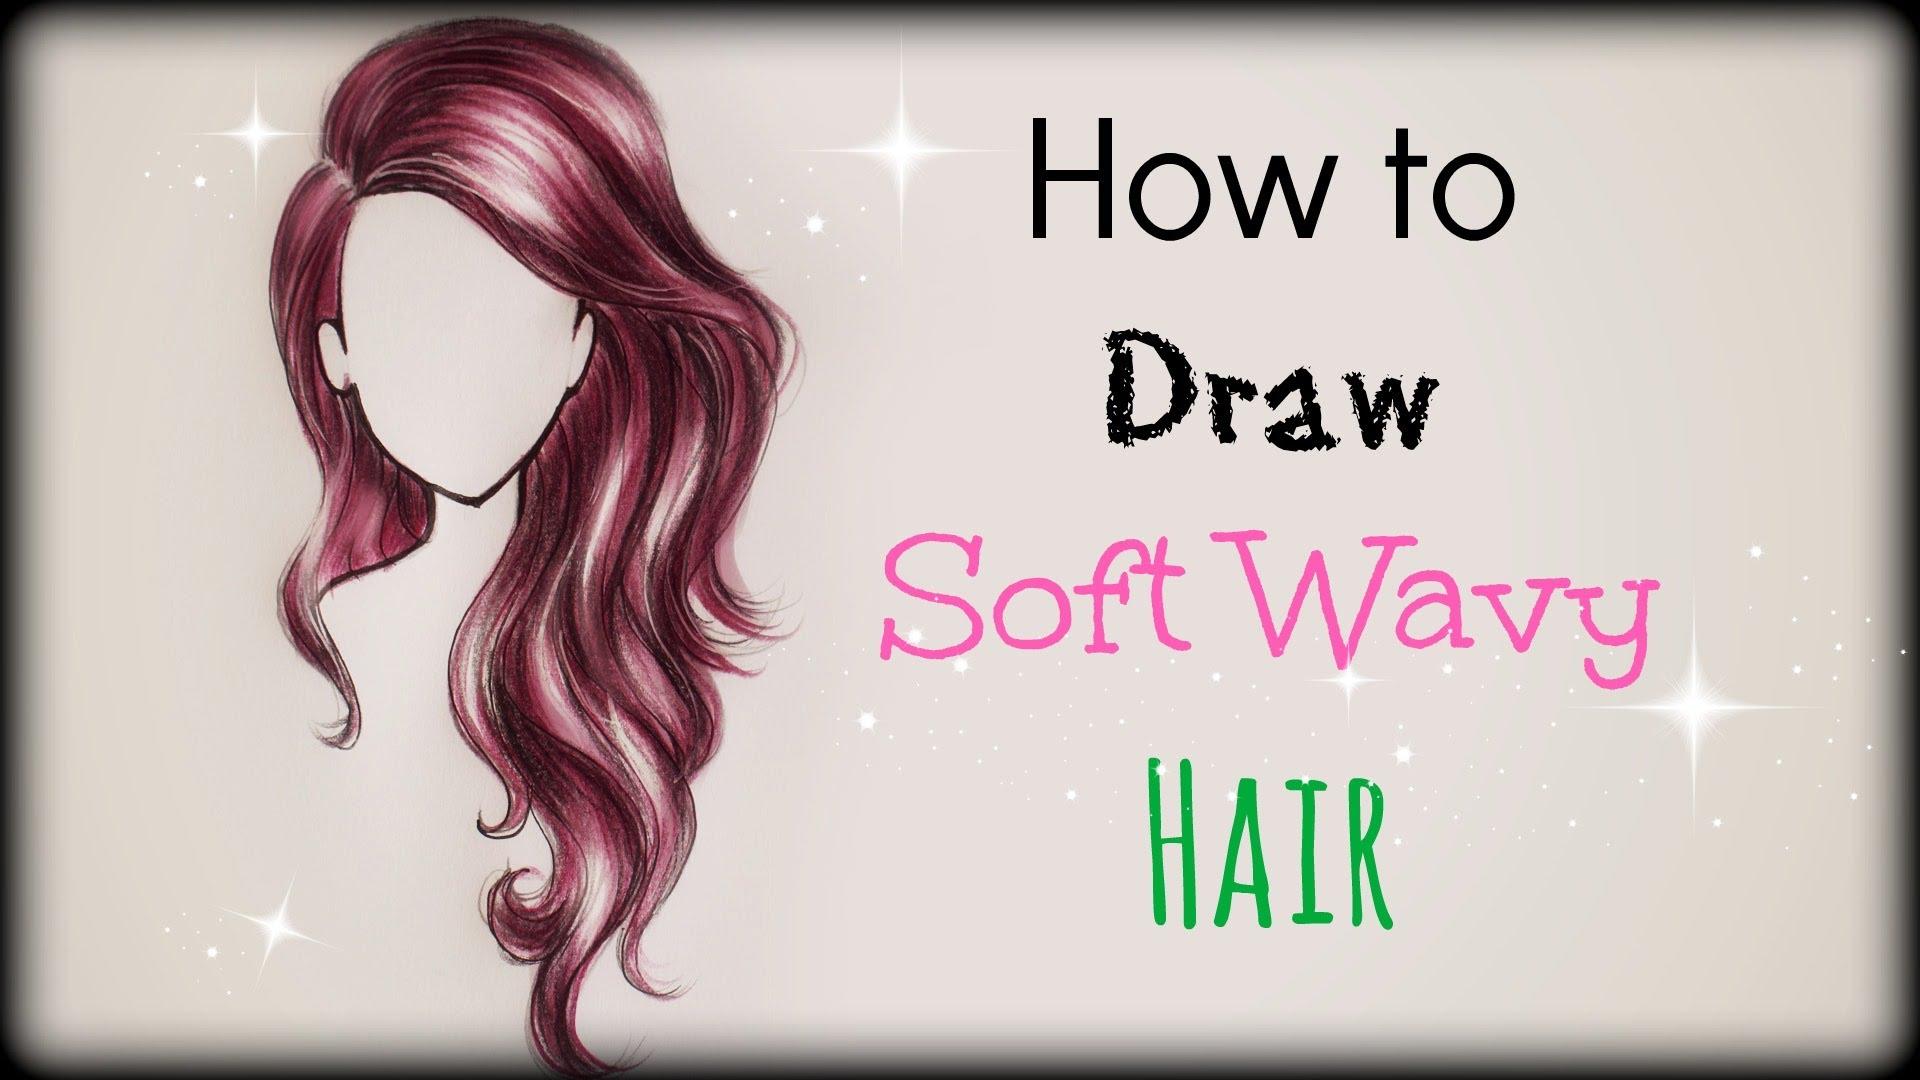 Drawn princess hair ❤ Soft ❤ YouTube Soft